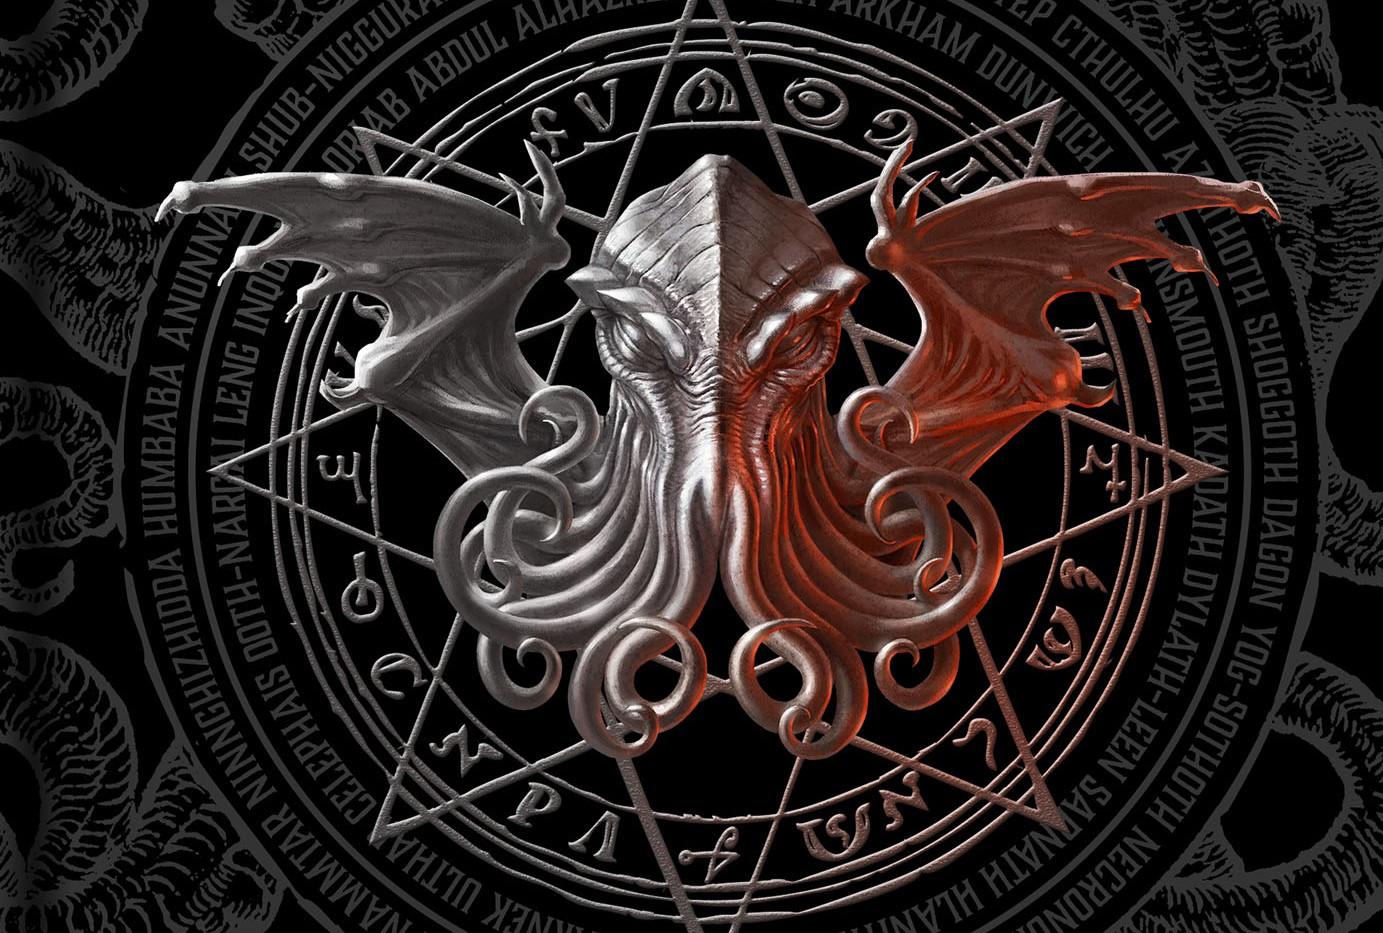 Cthulhu Metal : de Black Sabbath à Morbid Angel, l'ombre de Lovecraft